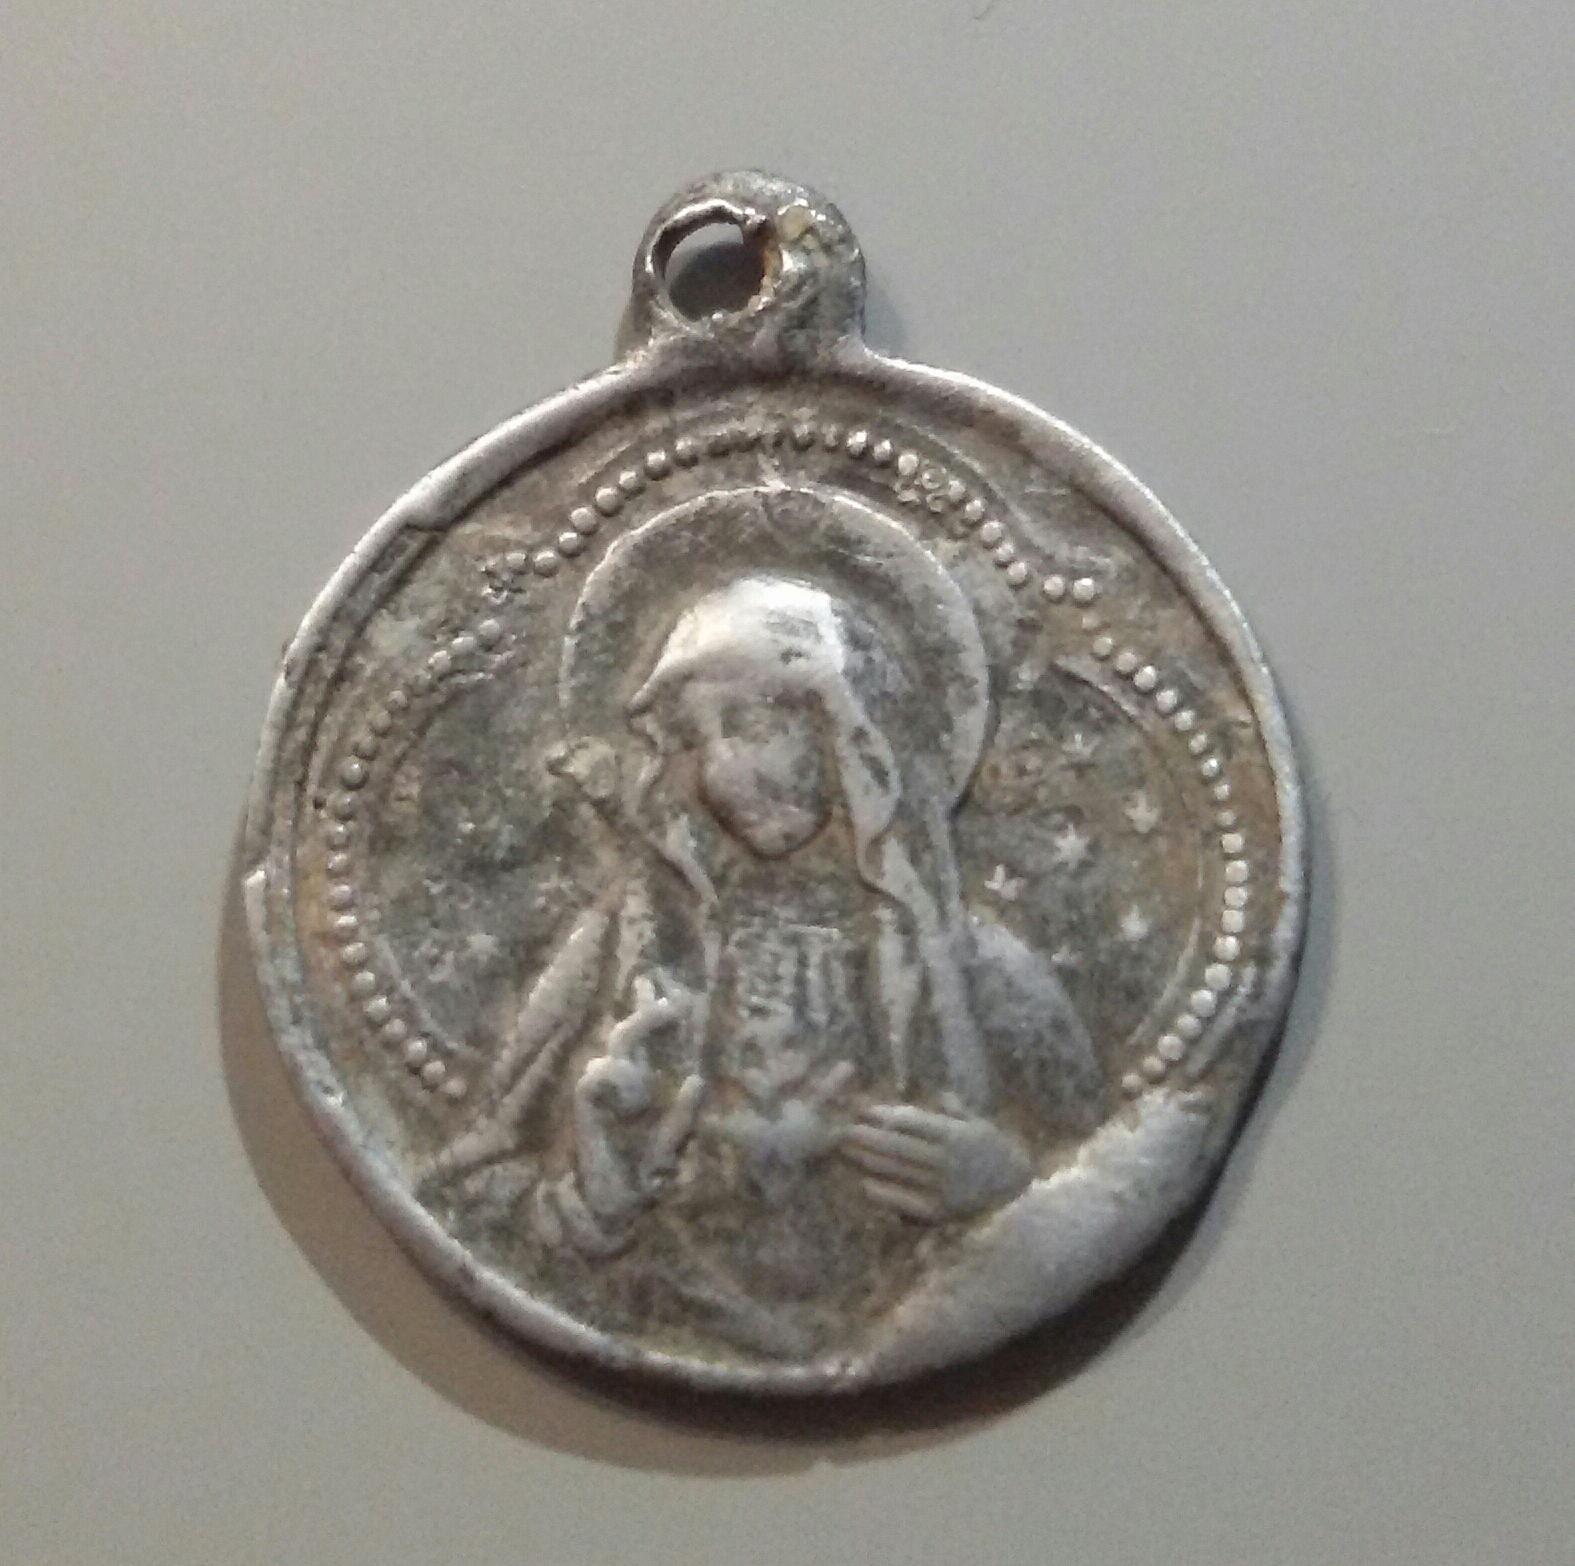 medalla del Sgdo. Corazón de Jesús / Sgdo. Corazón de María - s. XX Ws4jsn